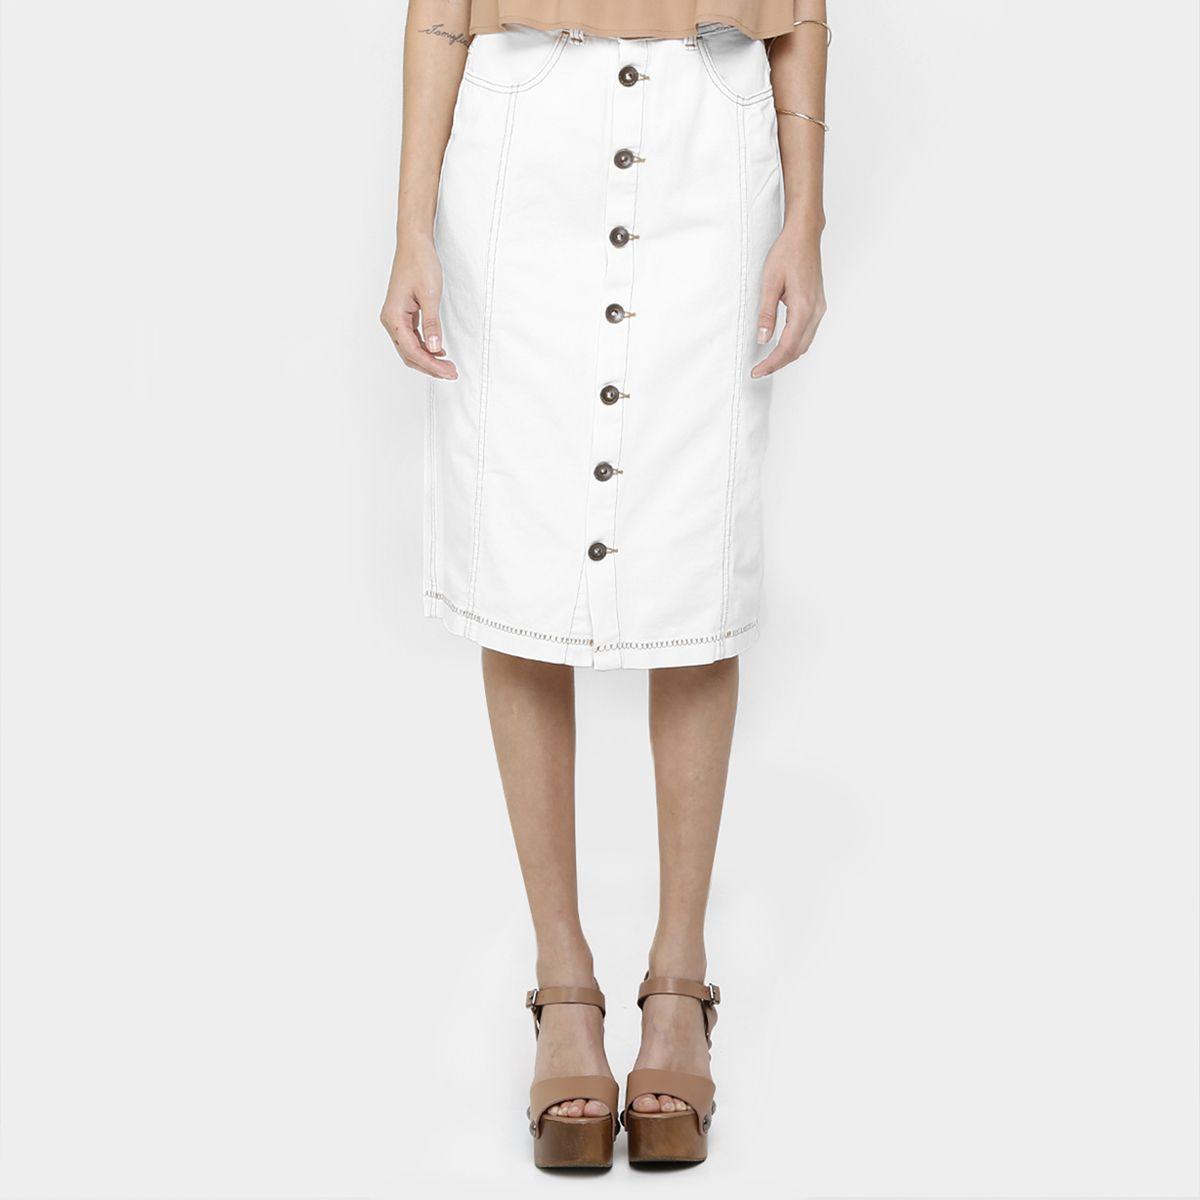 231c7f8bf Compre Saia Colcci Midi De Botões Off White na Zattini a nova loja de moda  online da Netshoes. Encontre Sapatos, Sandálias, Bolsas e Acessórios.